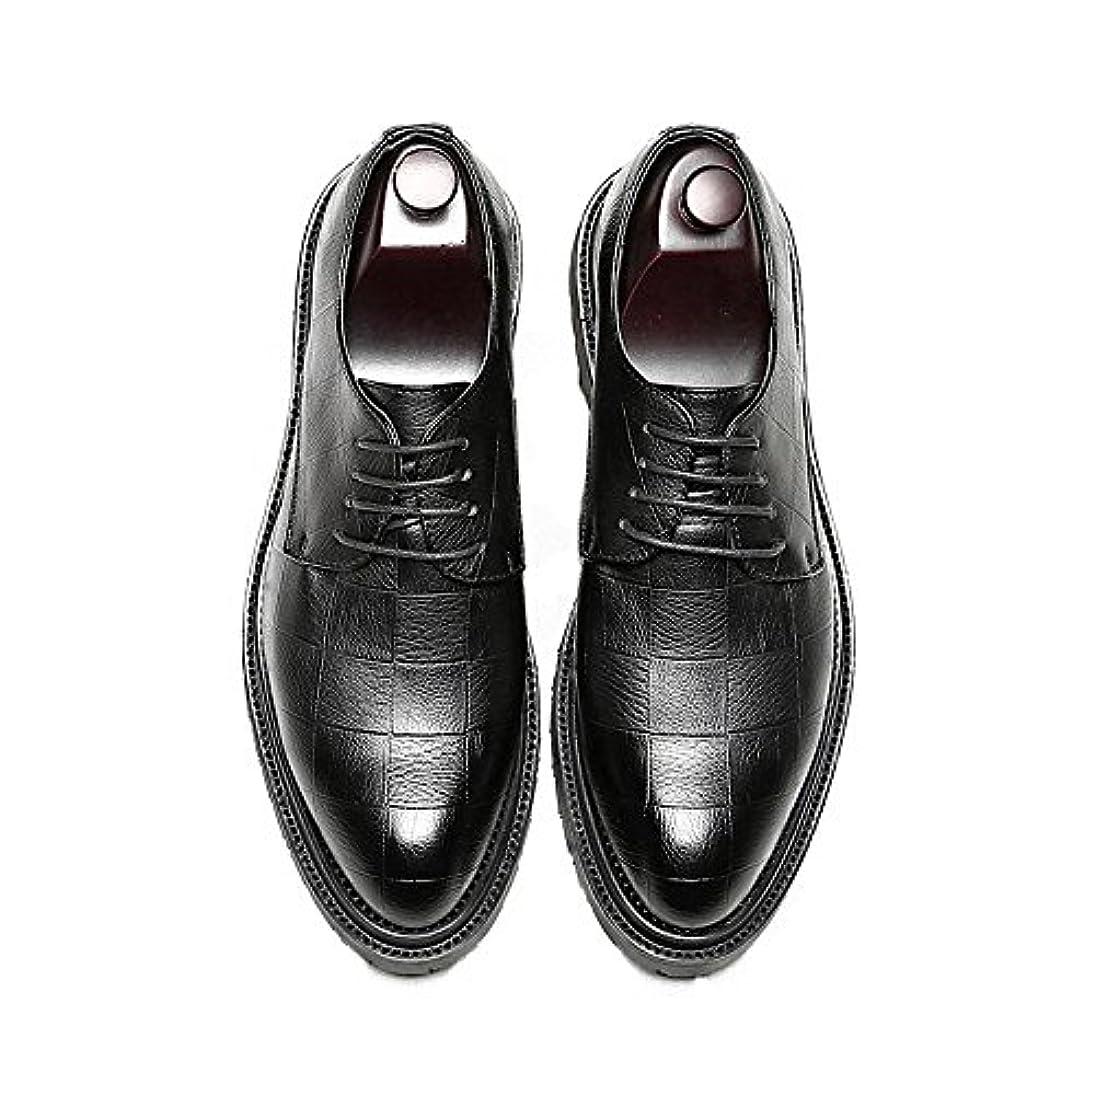 素子壁紙ほかに革靴 メンズ  ビジネスシューズ レースアップ PUレザーシューズ クラシック ローファー スクエアテクスチャ 丈夫なアウトソール オックスフォードシューズ カジュアル